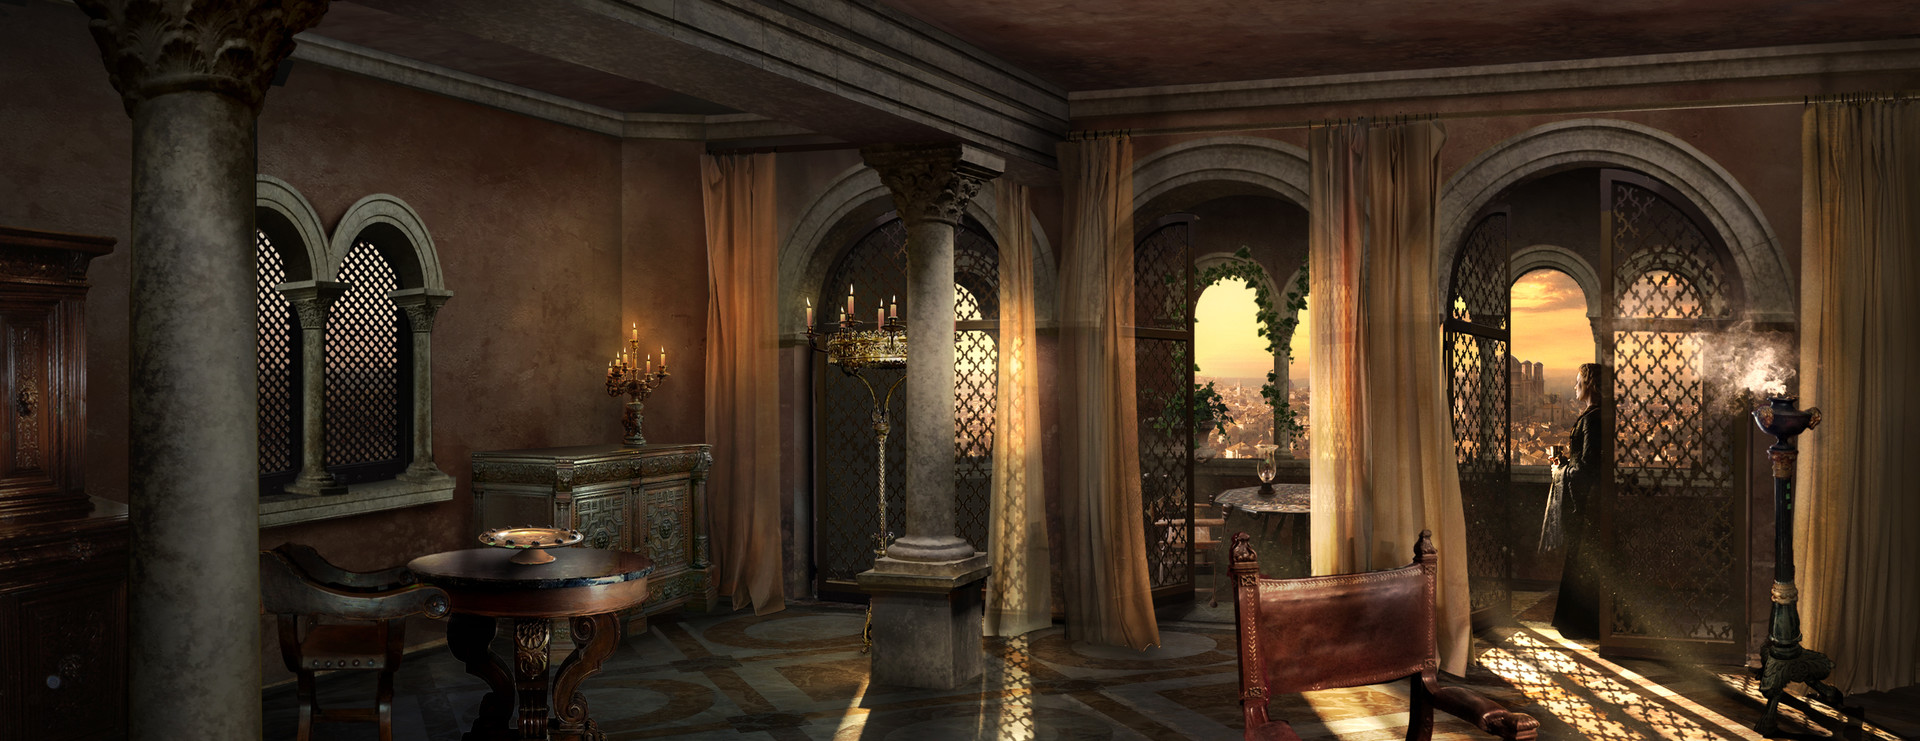 Kieran belshaw cersei chamber v011